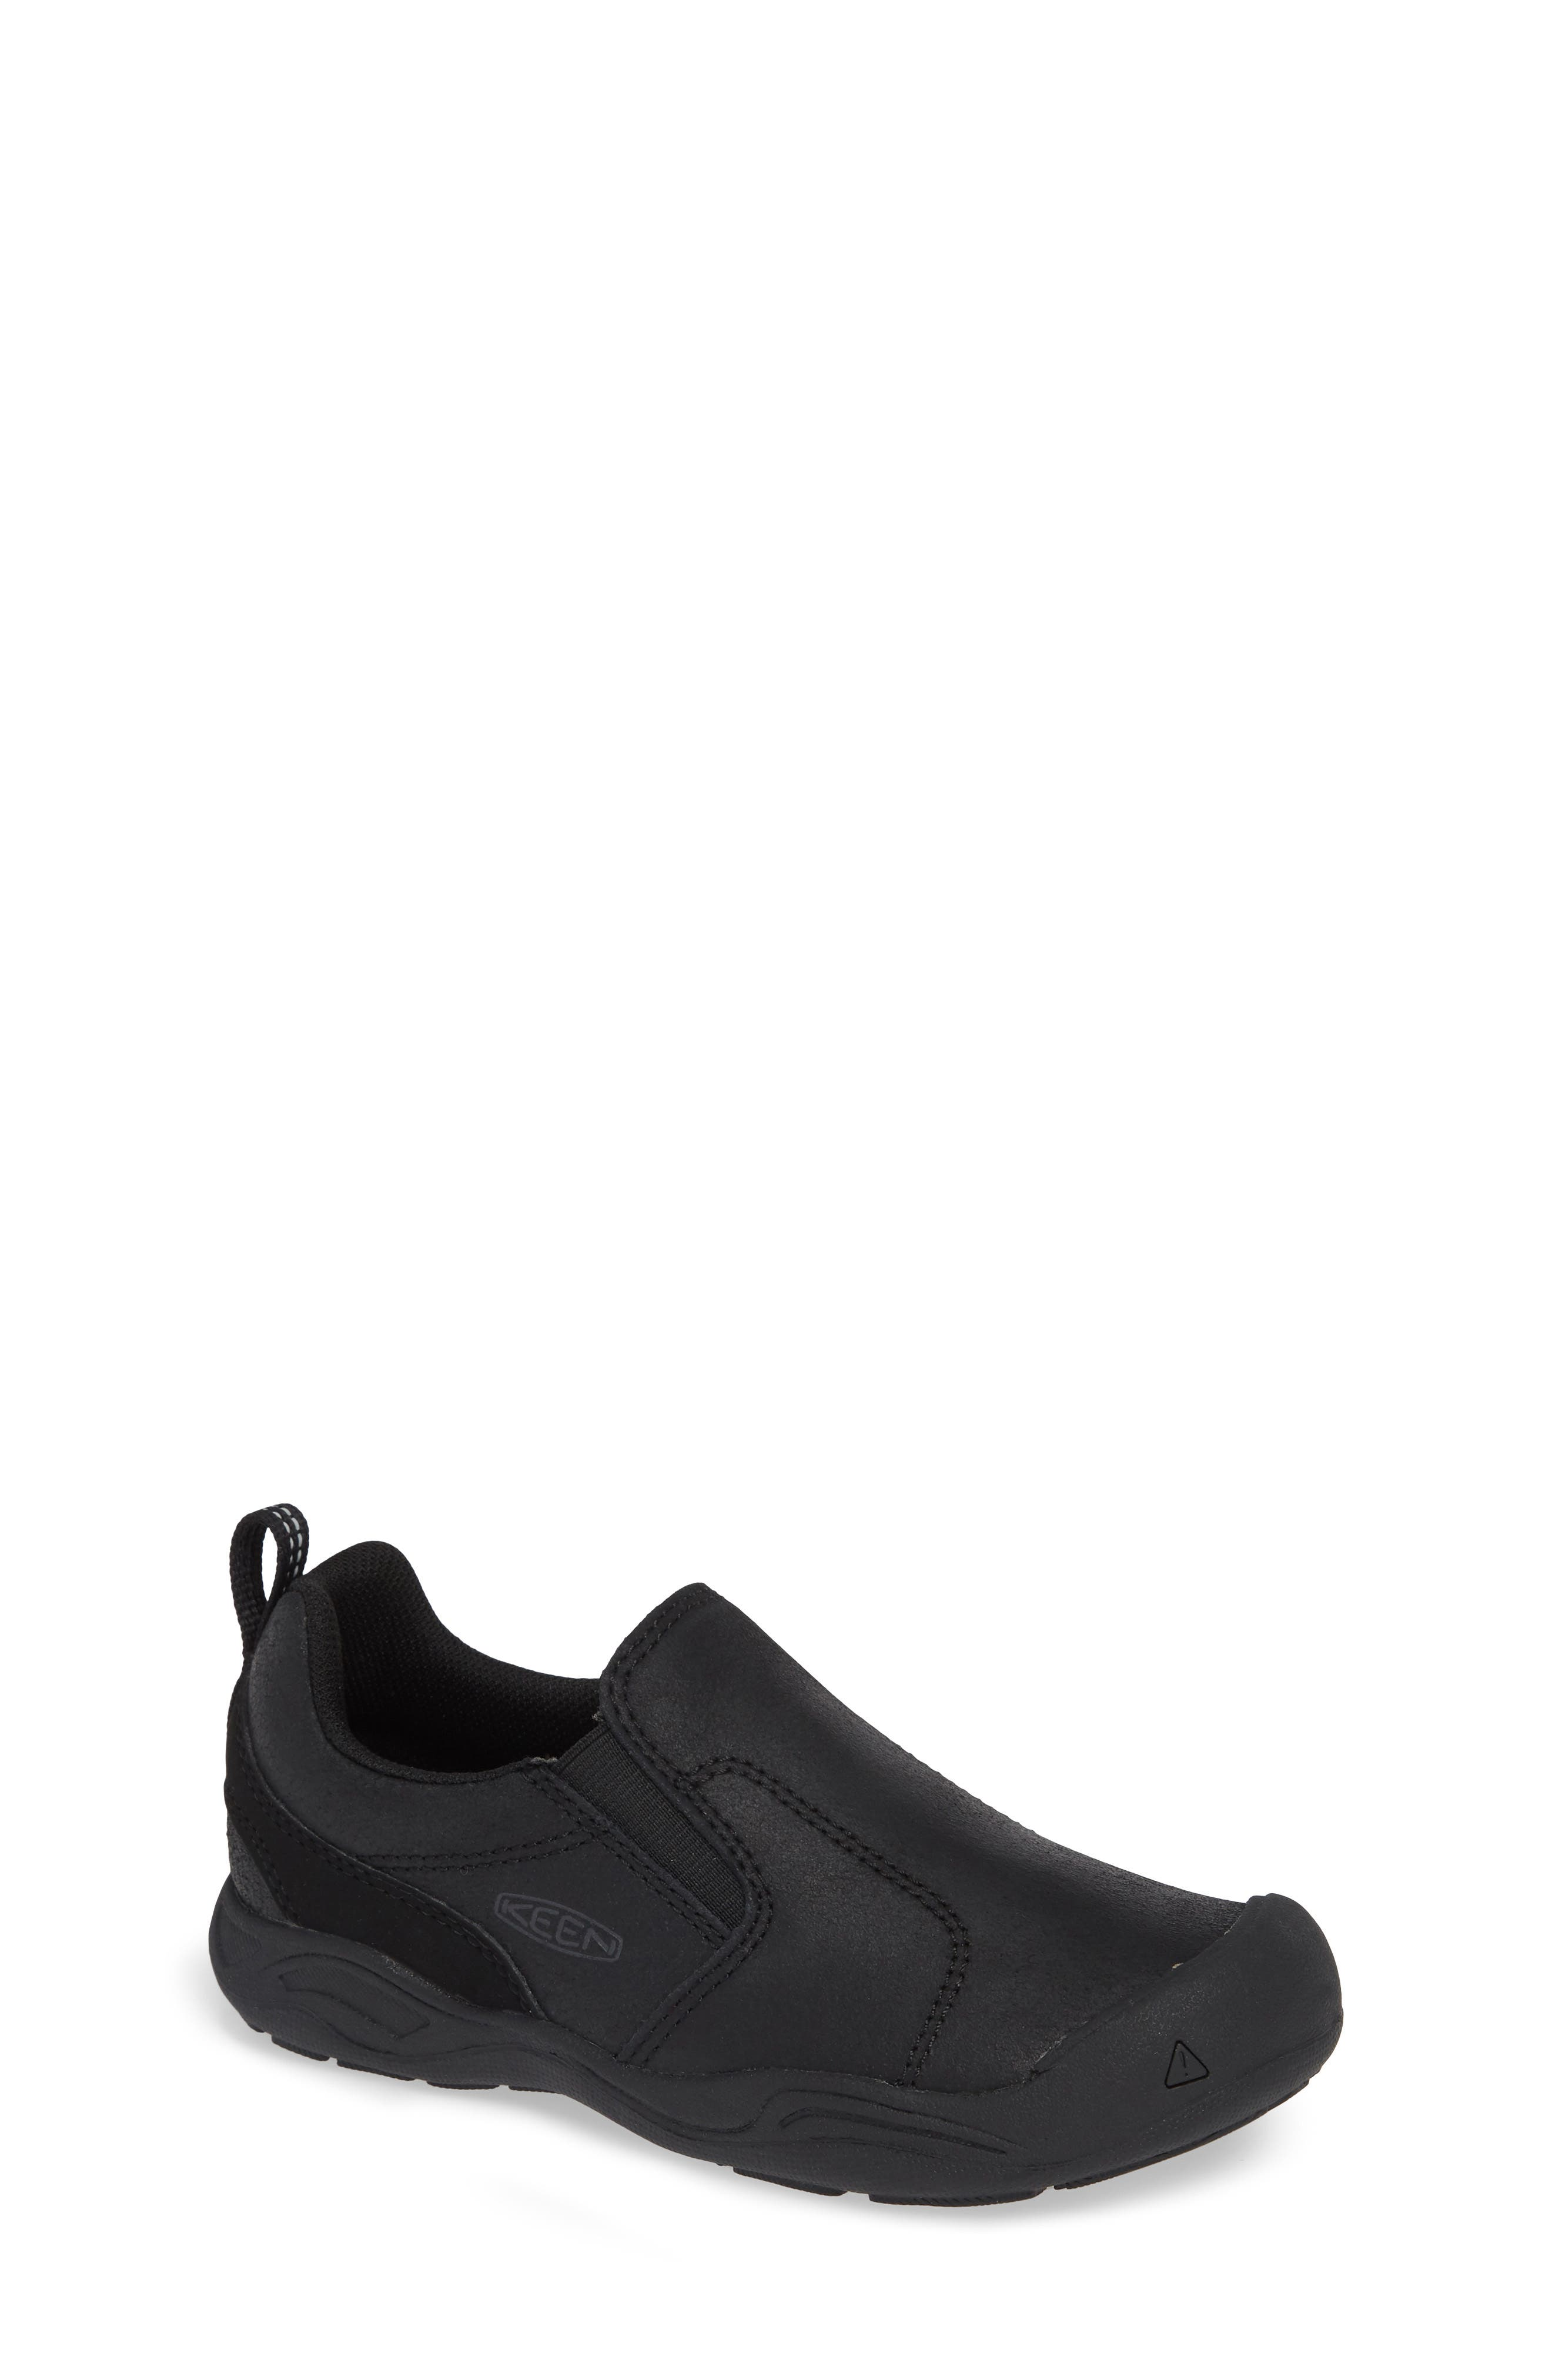 Jasper Slip-On Sneaker,                         Main,                         color, BLACK/ RAVEN